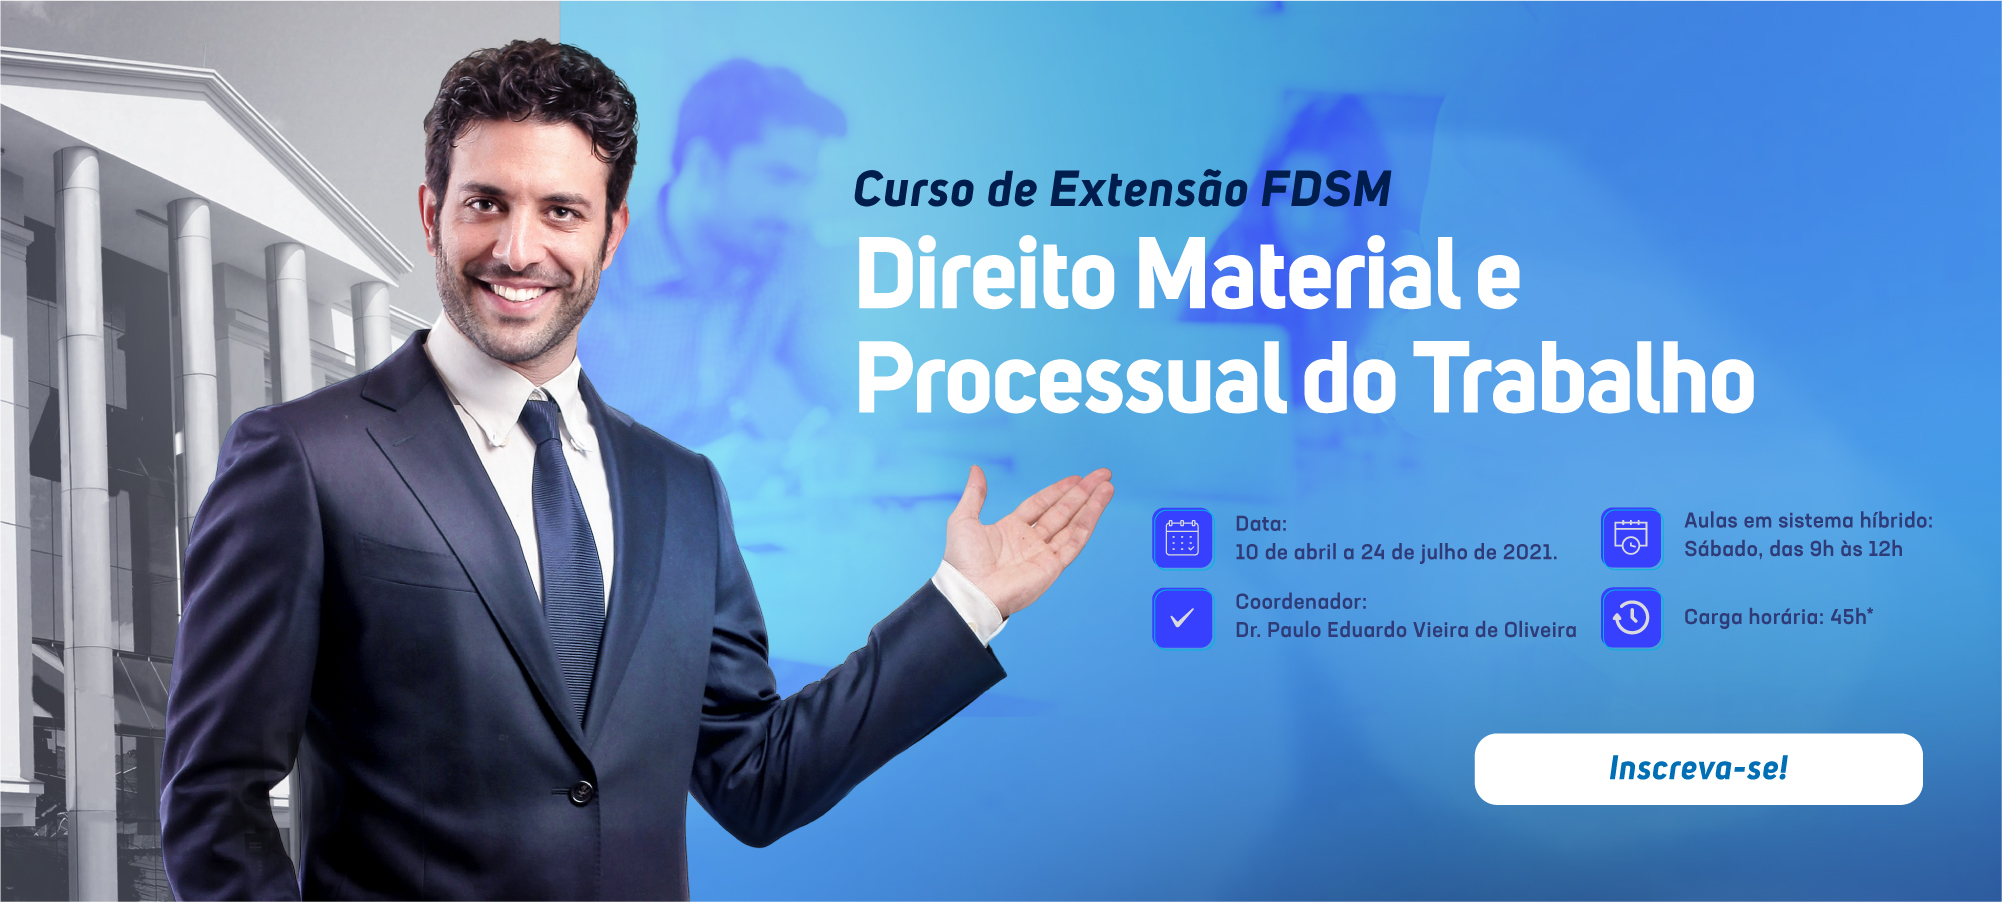 Extensão em Direito Material e Processual do Trabalho